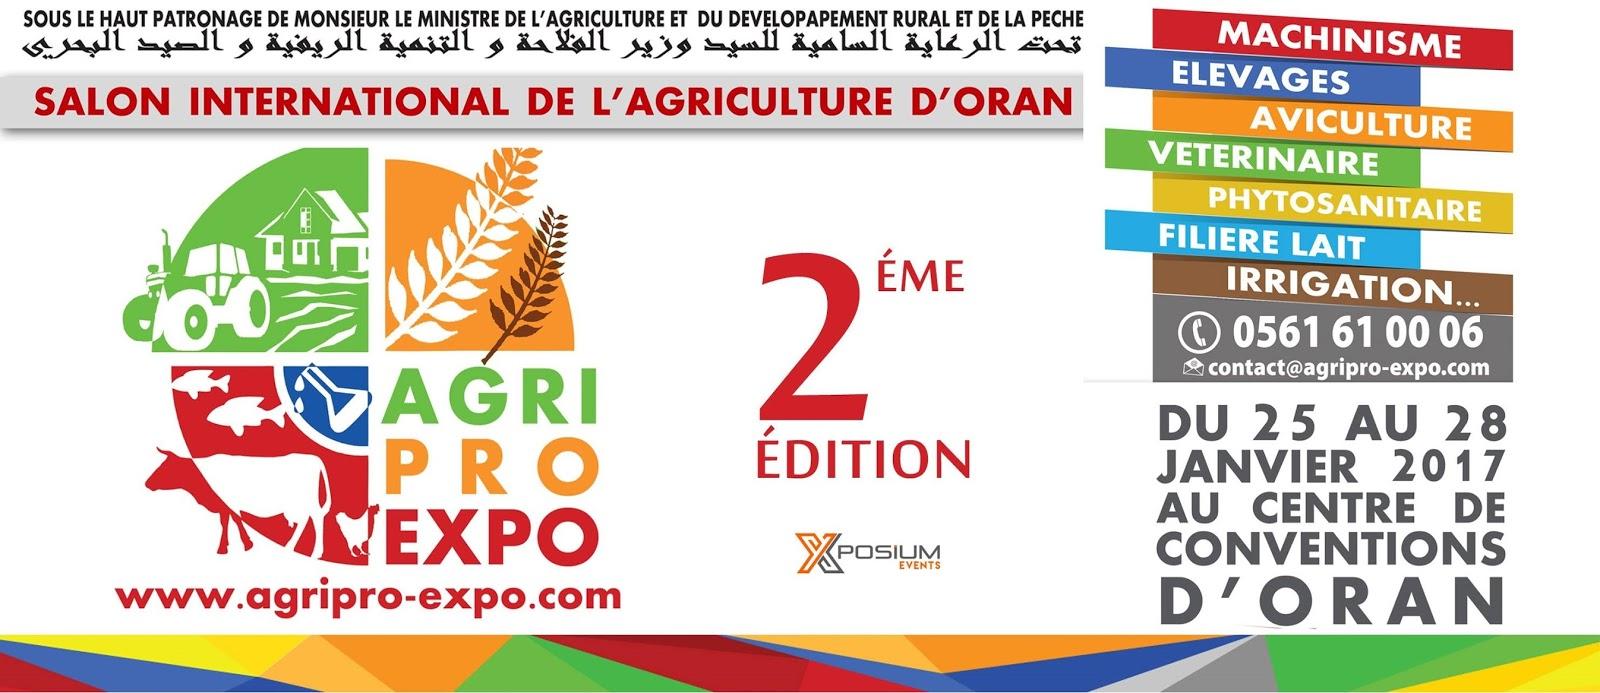 Inraa veille scientifique salon international de l - Salon internationale de l agriculture ...